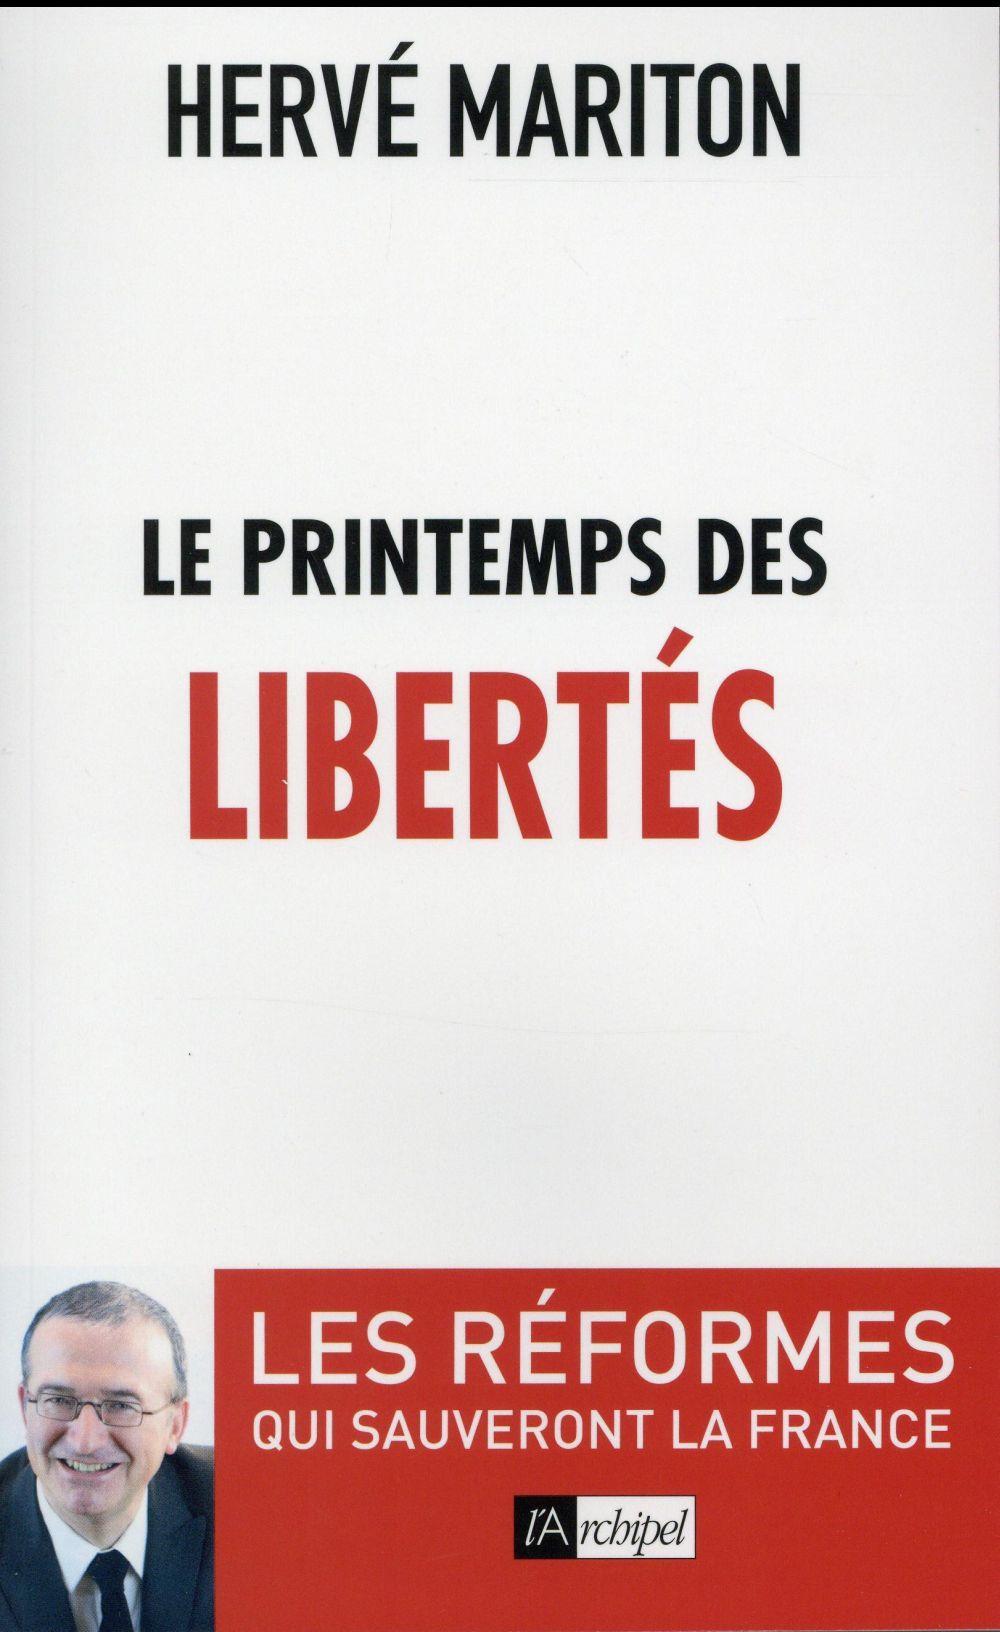 Le printemps des libertés, un livre de Hervé Mariton